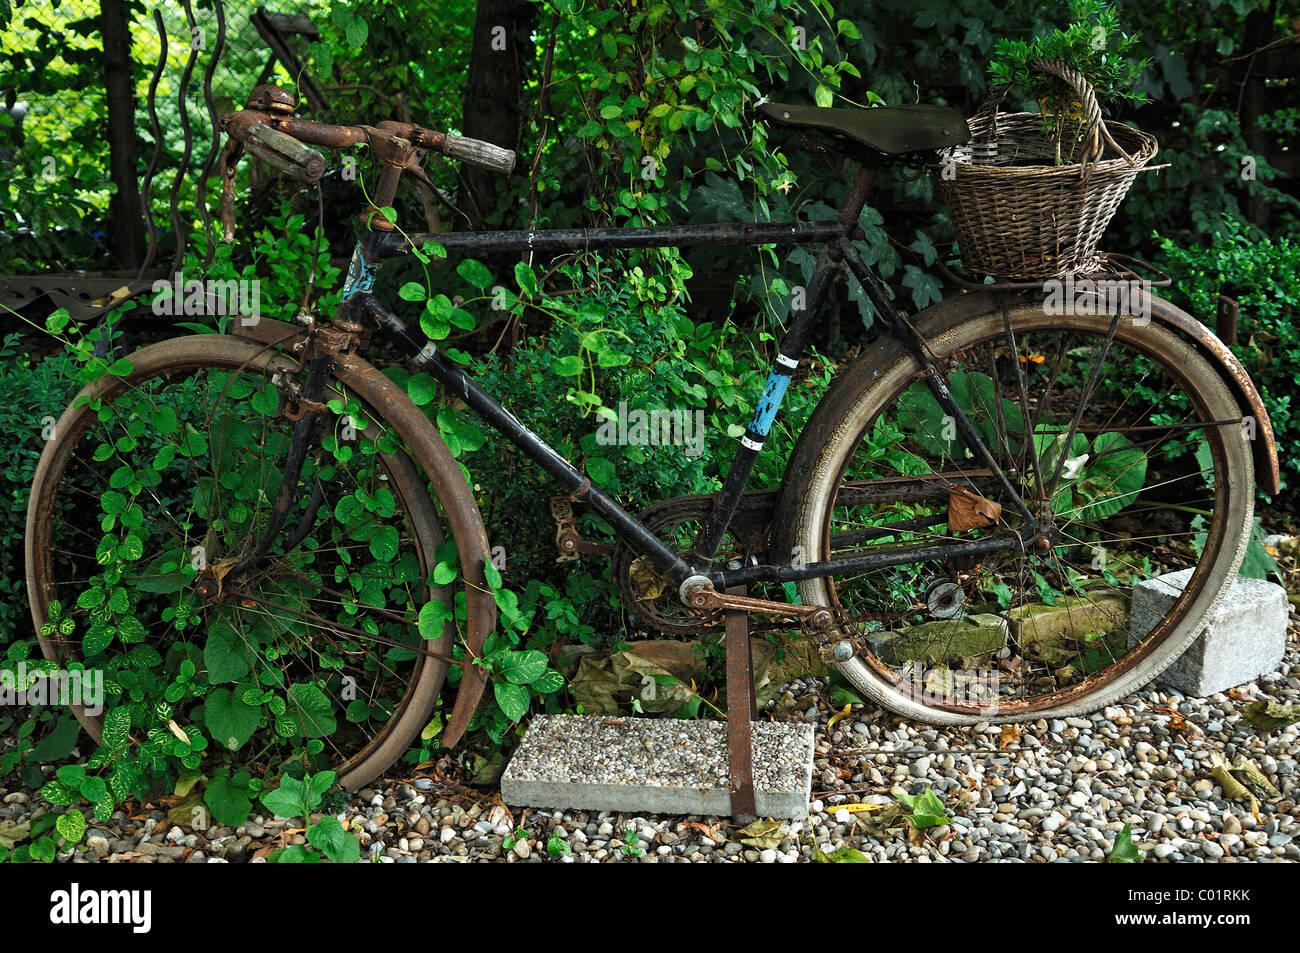 Vieux vélo comme décoration dans un jardin, Ambiance-Jardin ...